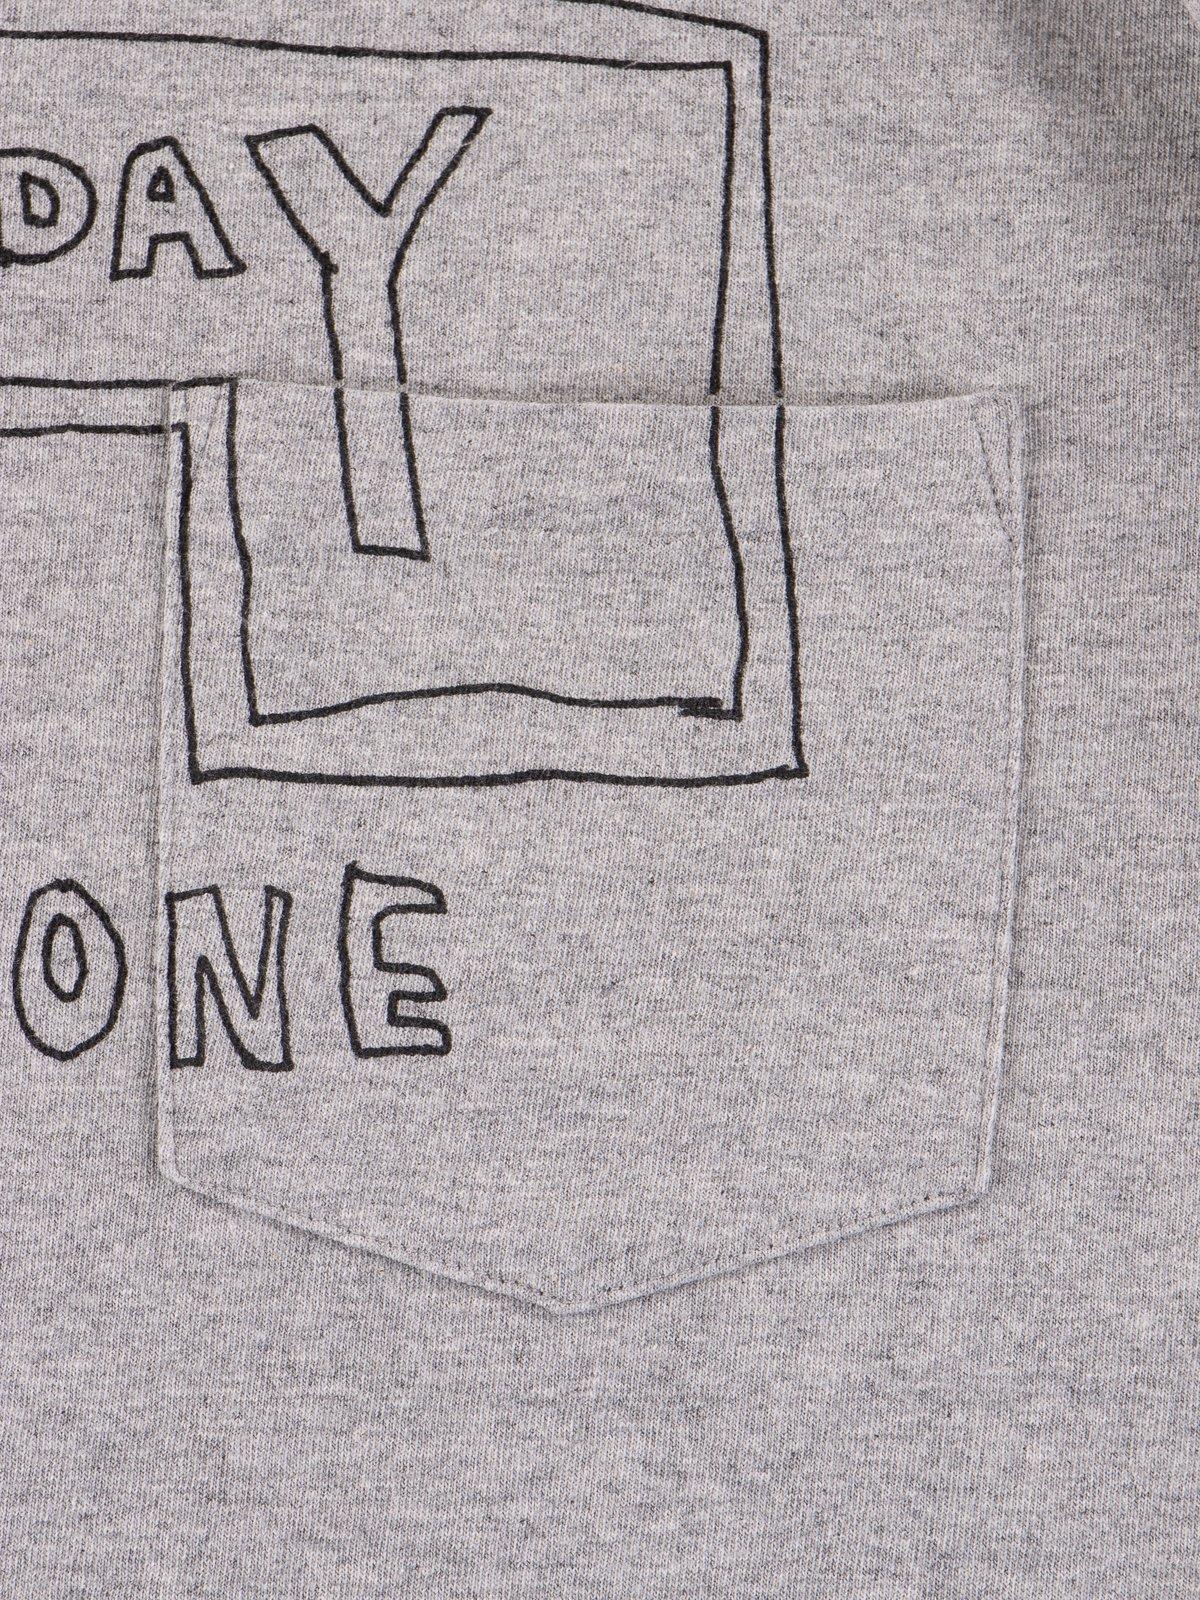 Grey Everyone Crossover Crew Pocket Tee - Image 4